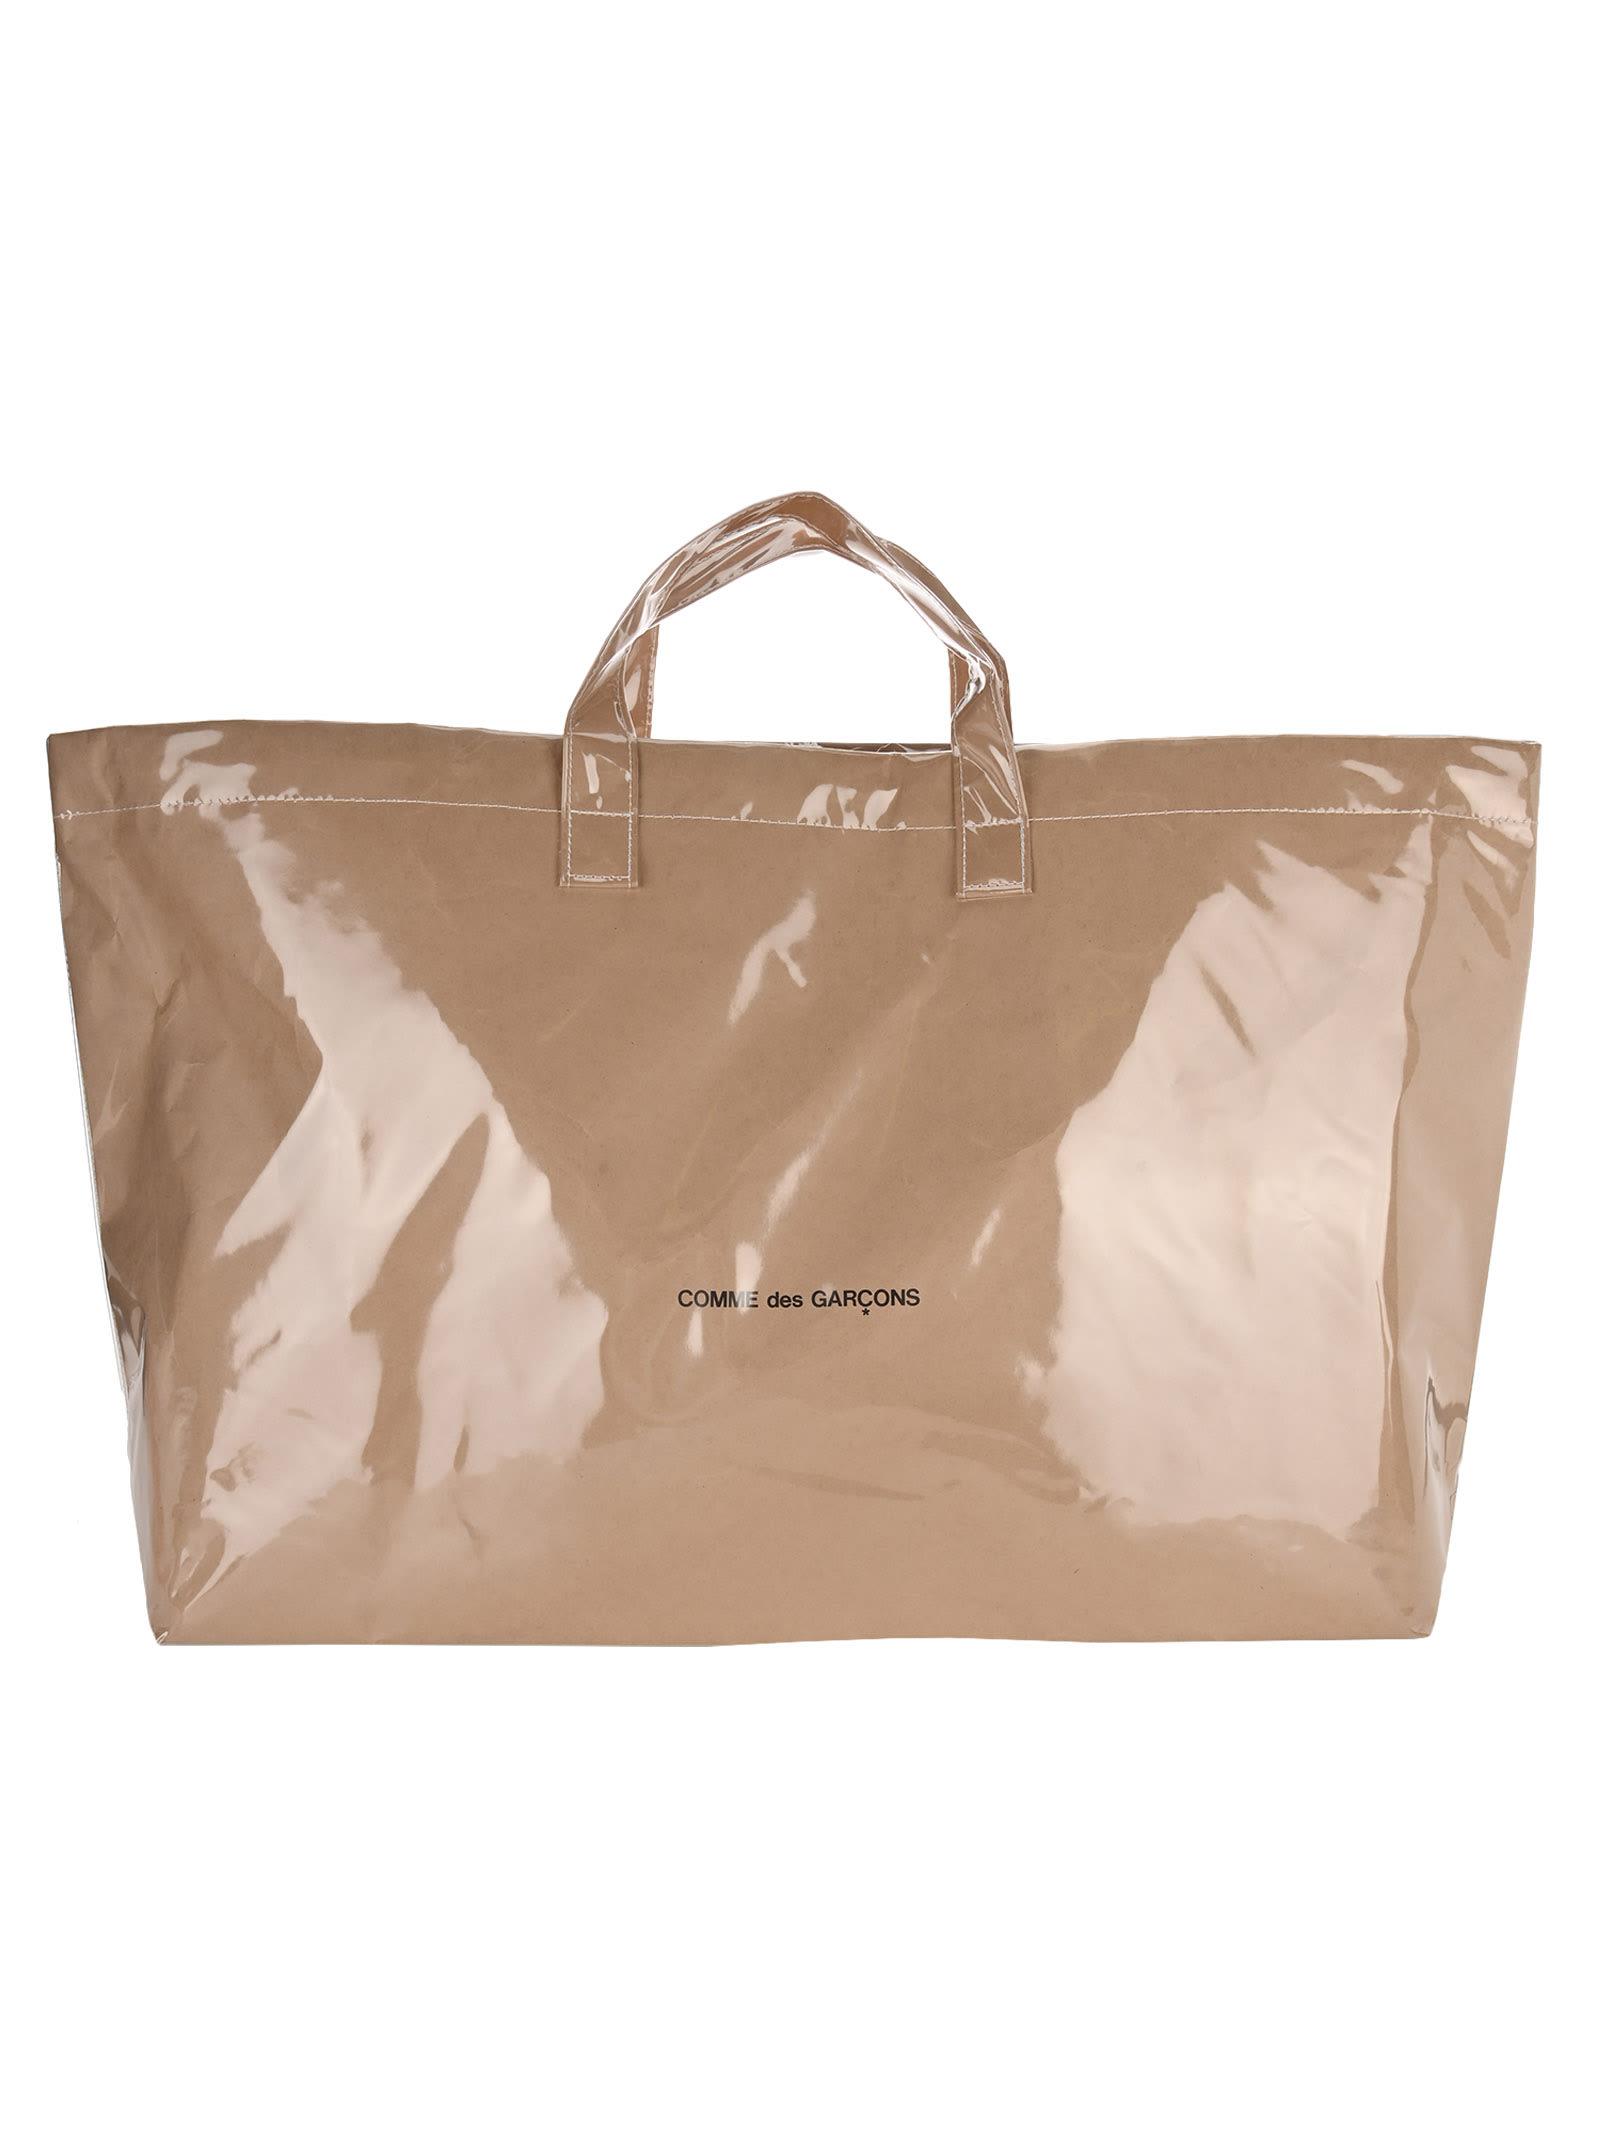 Comme Des Garcons Paper Style Tote Bag